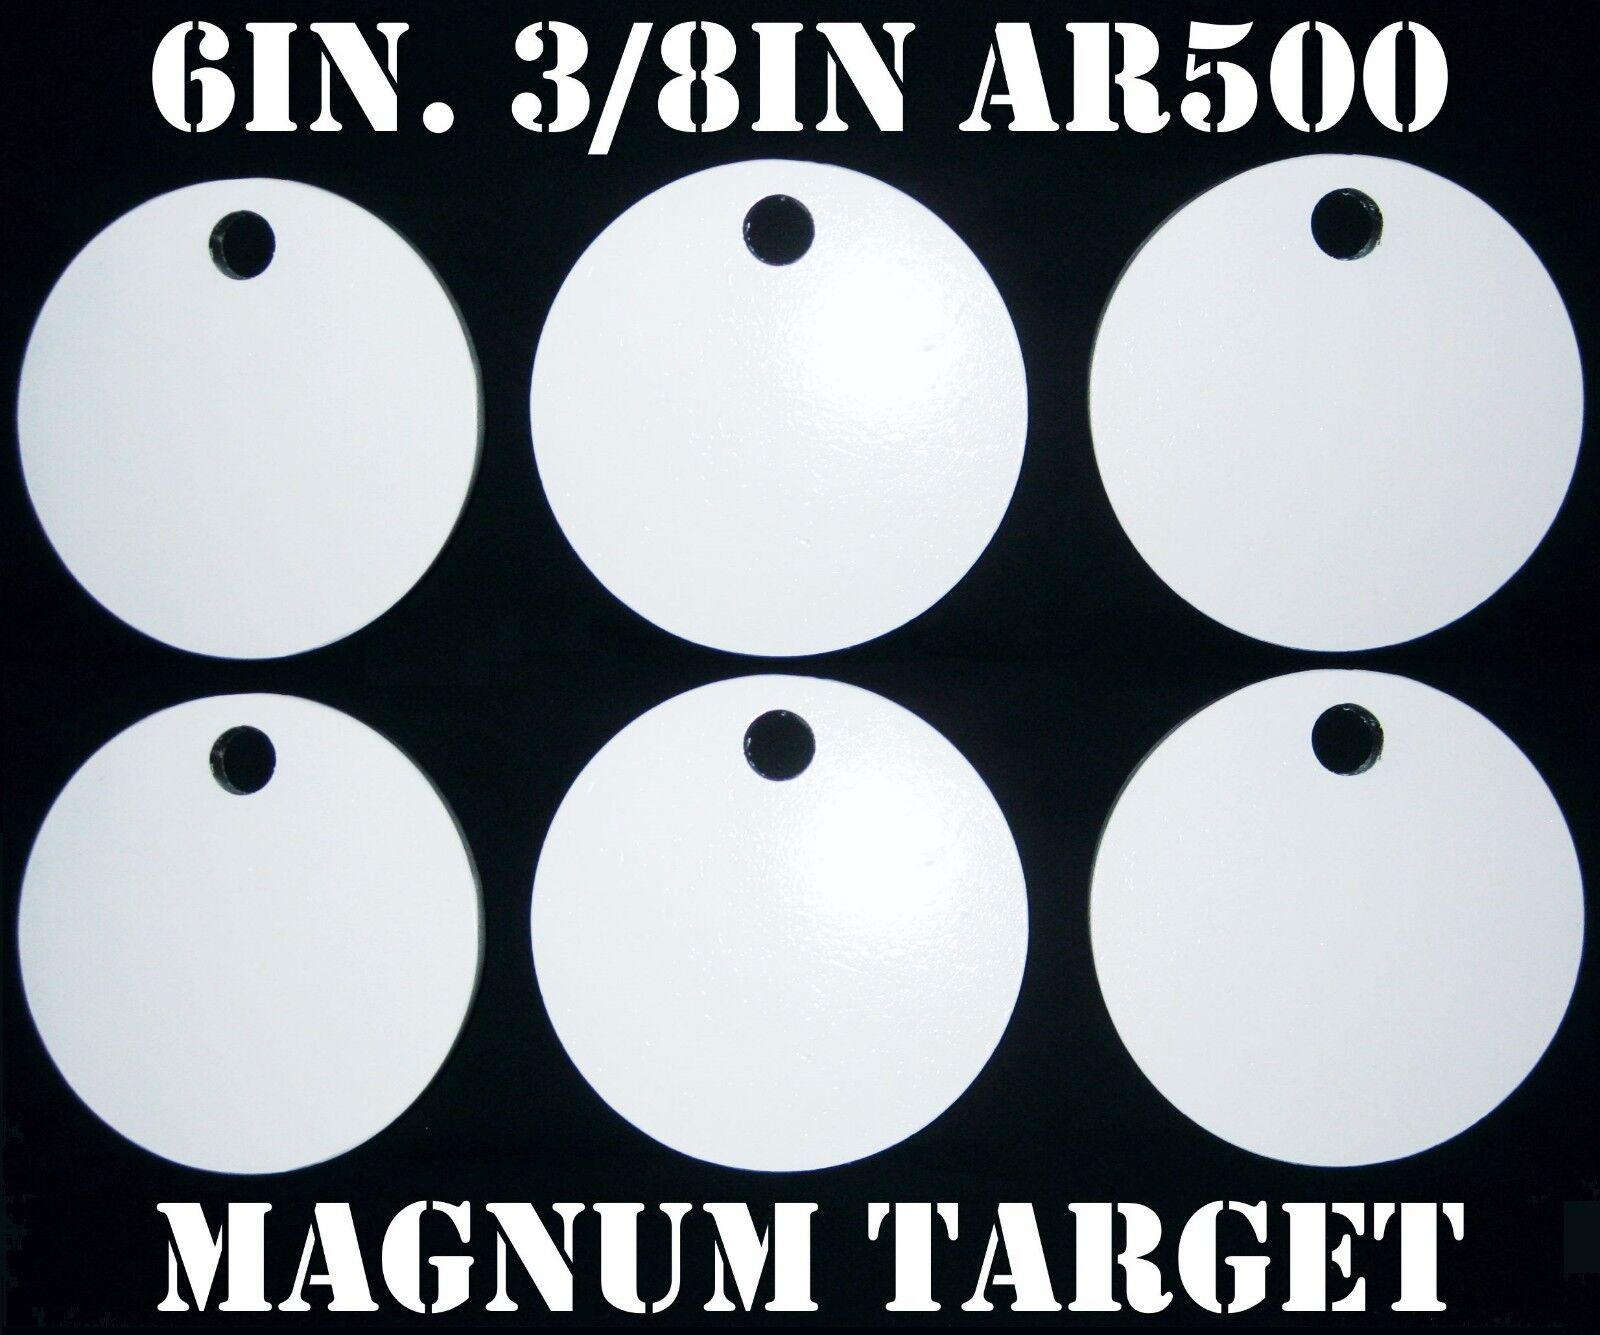 6 in (approx. 15.24 cm). 3 8in.Thk. AR500 Gong objetivos de disparo de Acero - 6pc objetivos de disparo de metal.